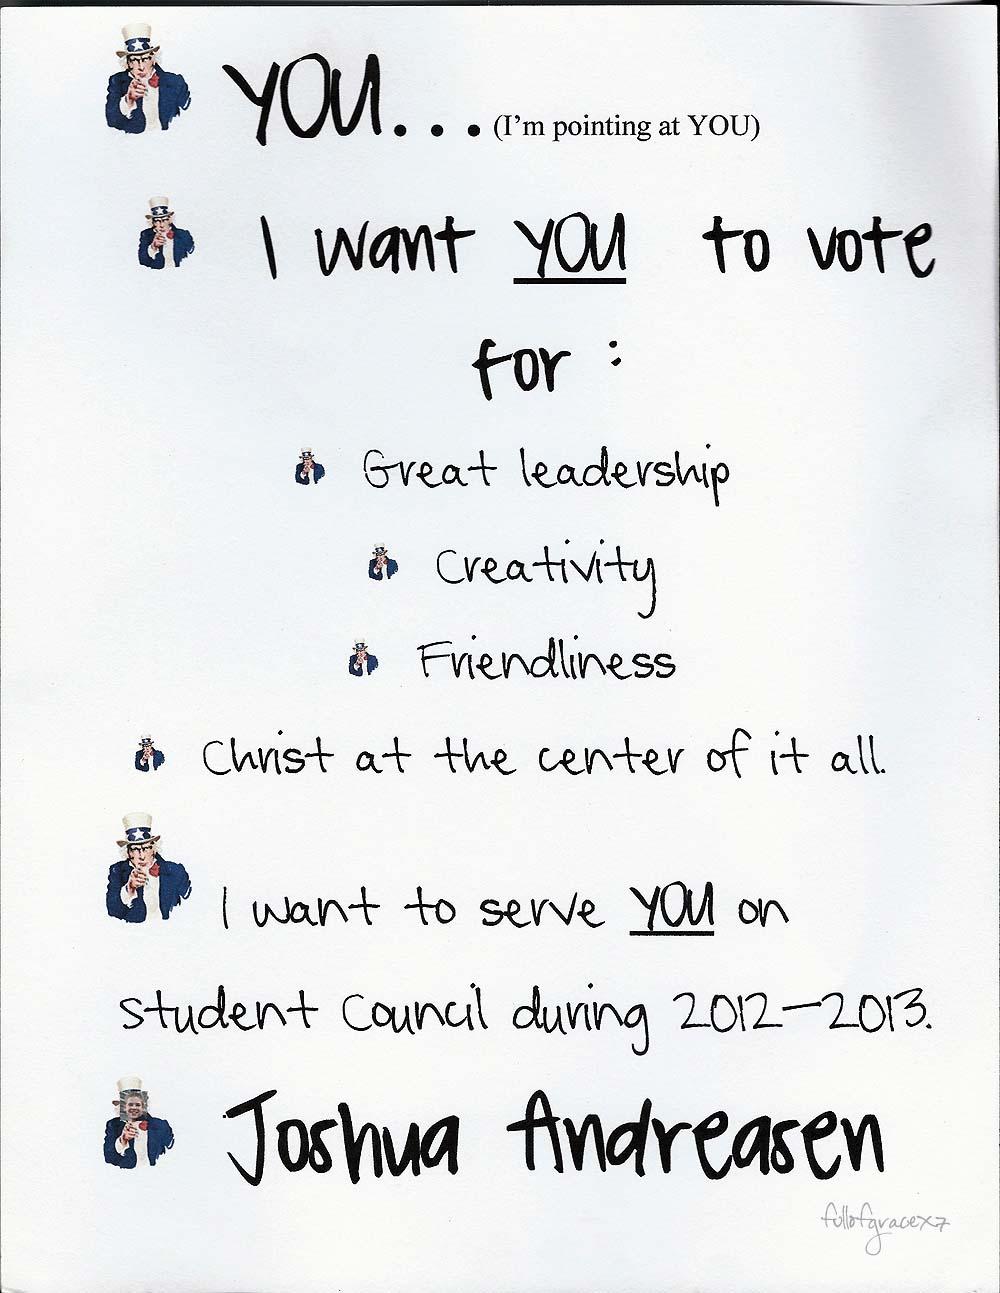 4th grade student council speech ideas